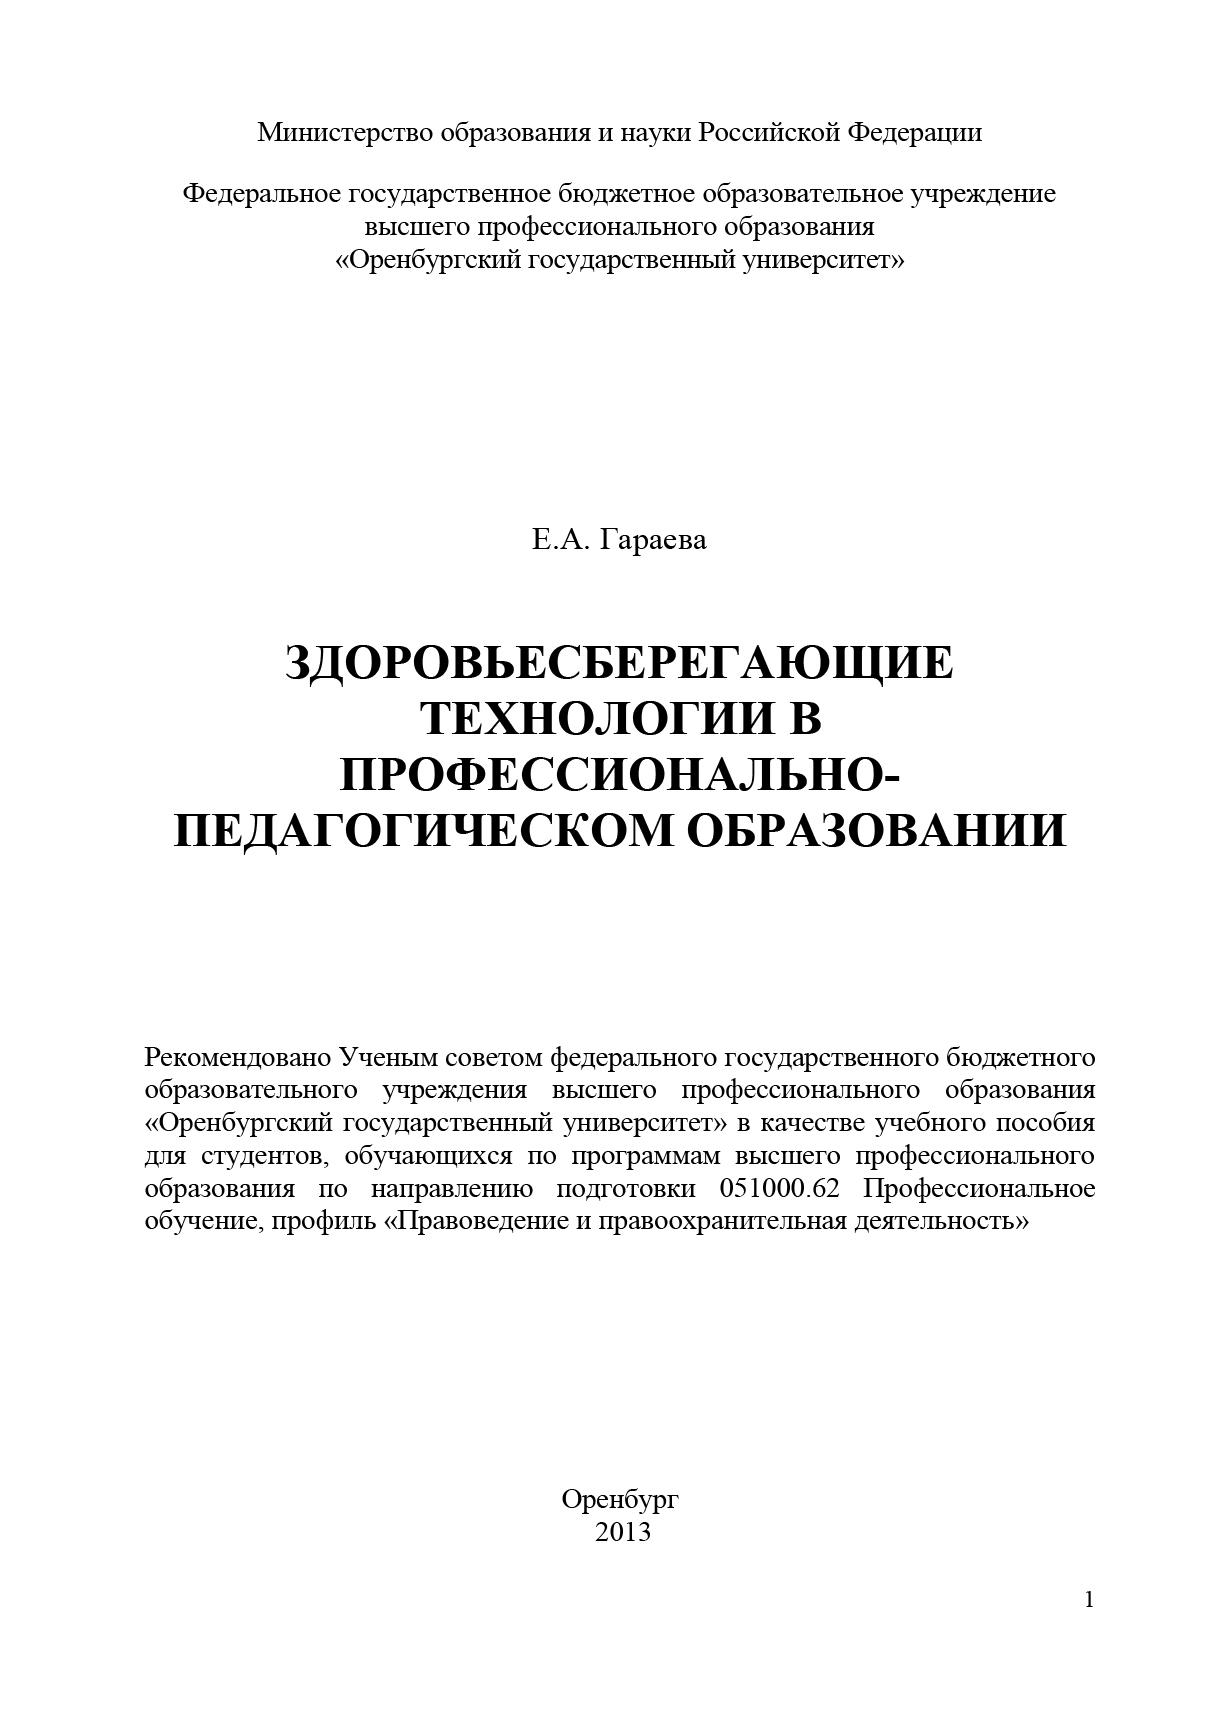 Е. А. Гараева Здоровьесберегающие технологии в профессионально-педагогическом образовании цена